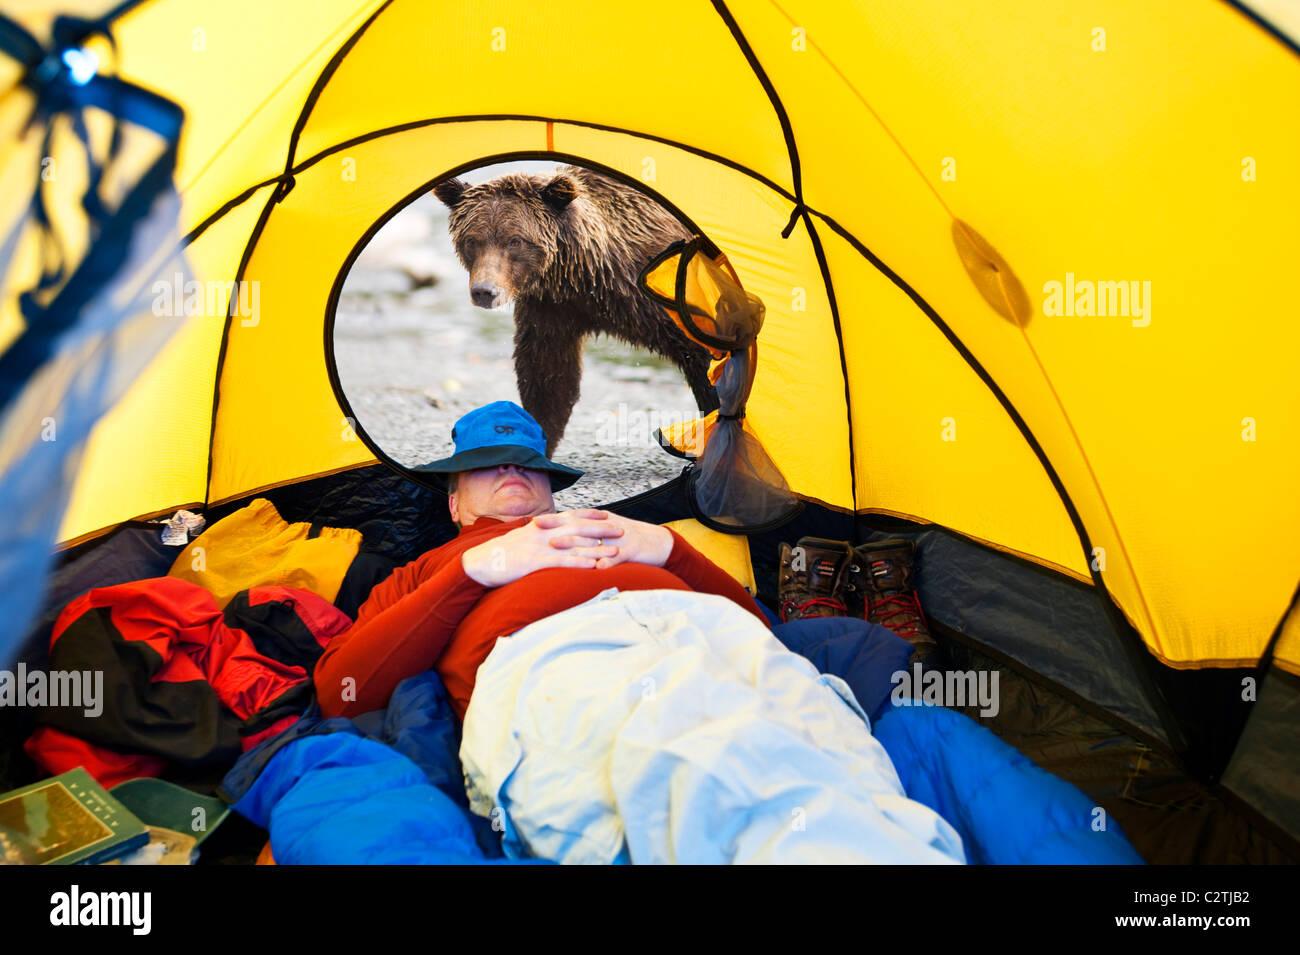 Sleeping Bag Book Stock Photos & Sleeping Bag Book Stock Images ...